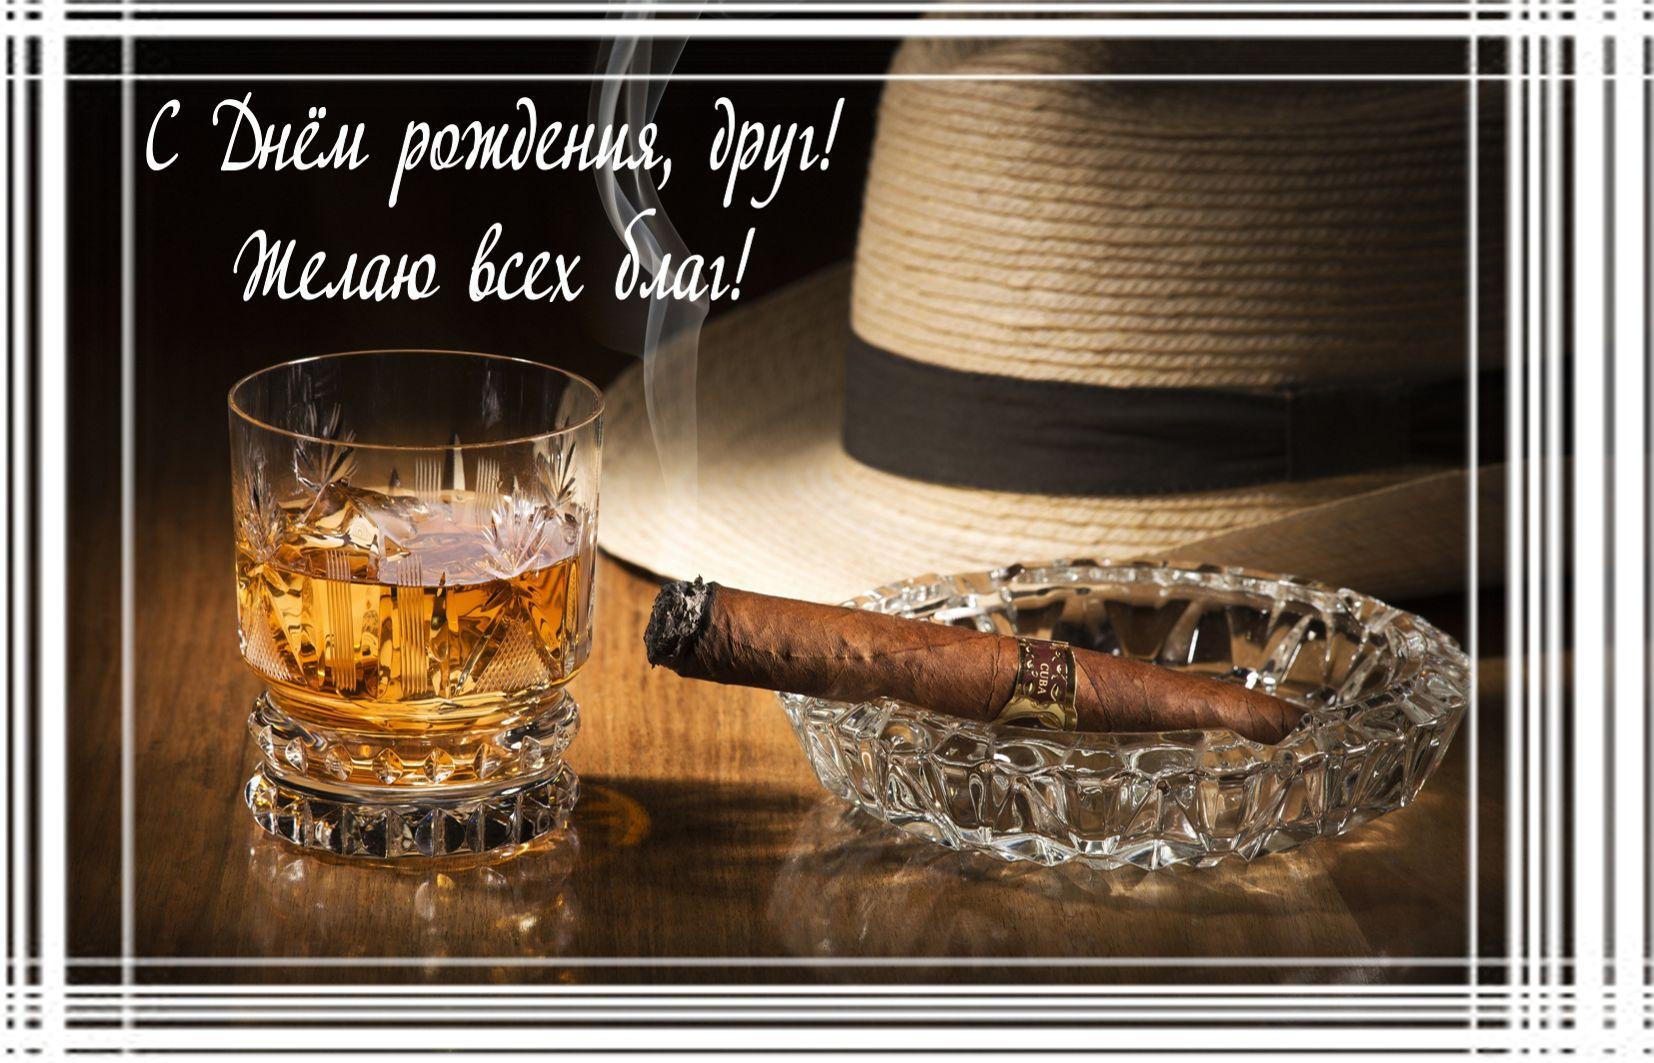 Открытка другу на День рождения - бокал виски и сигара в красивой рамке